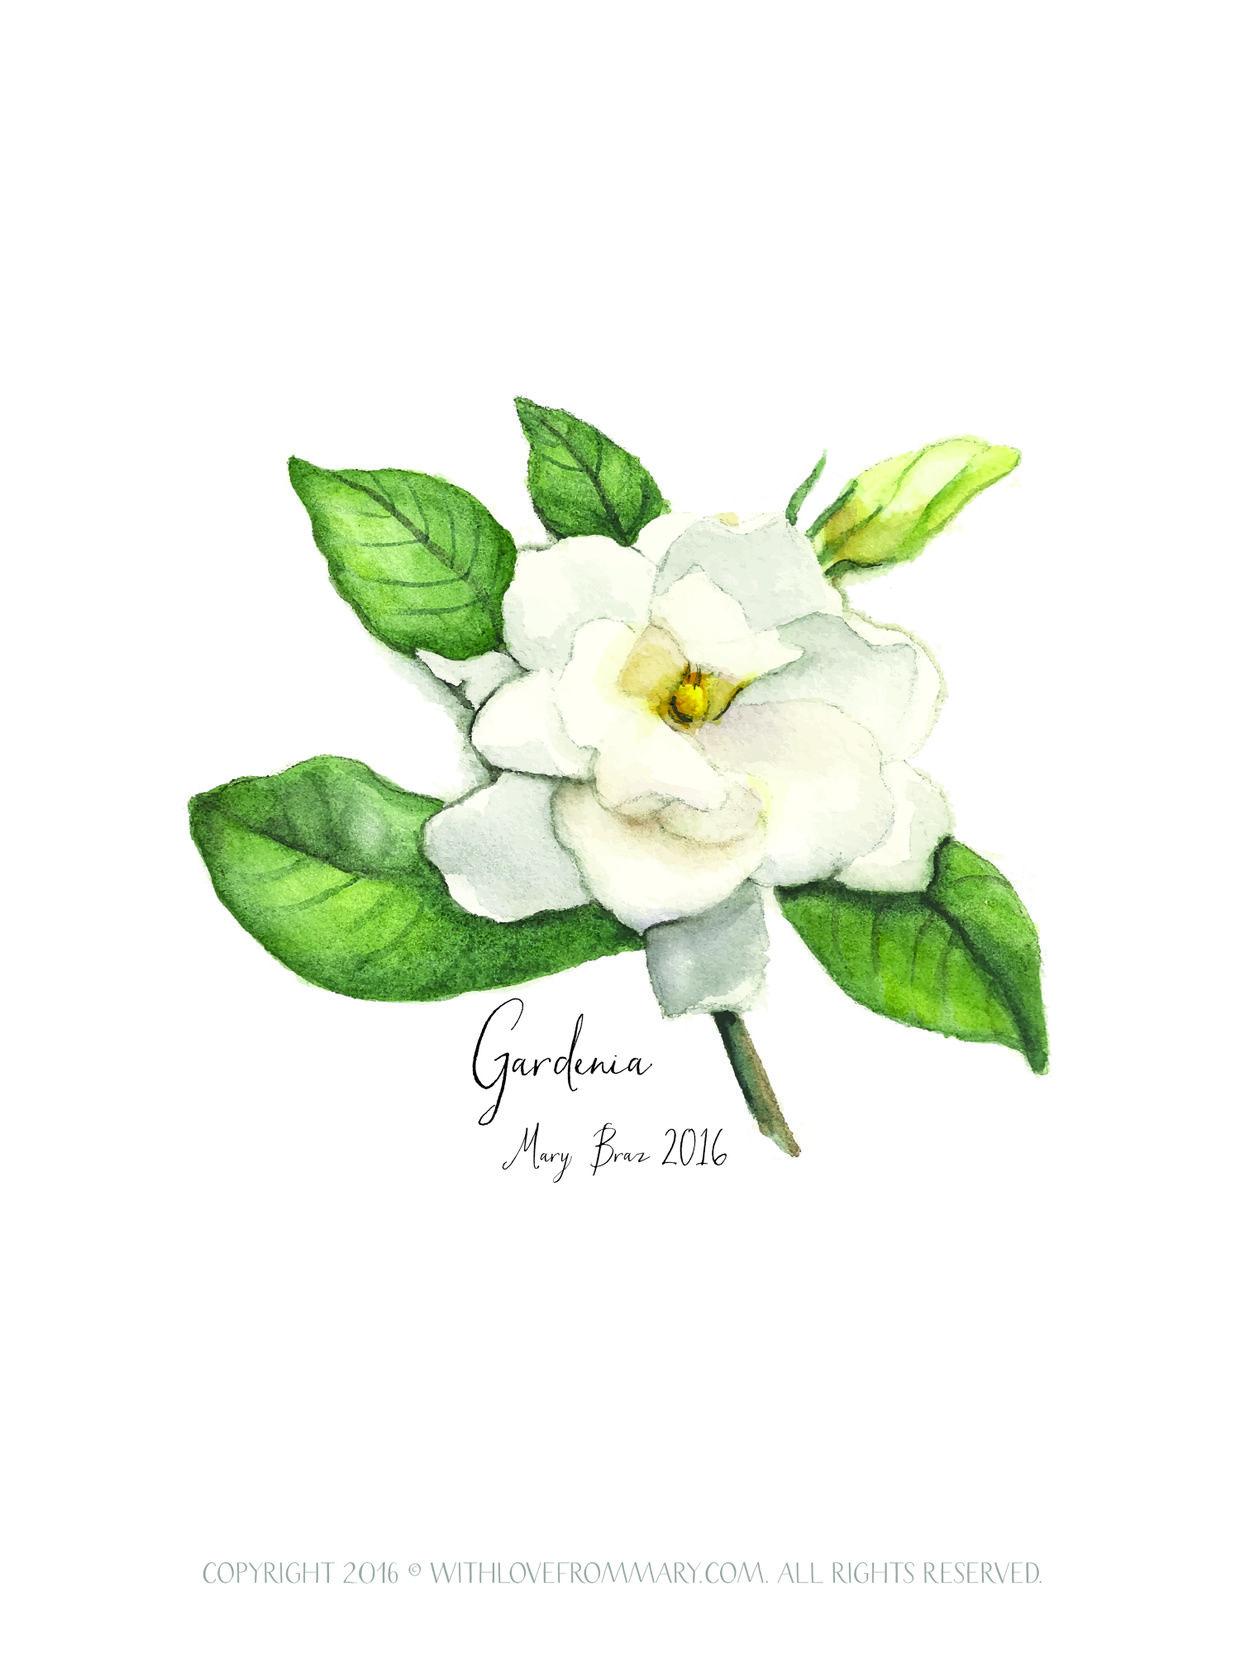 Gardenia 2016 By Mary Braz Www Withlovefrommary Com Flower Drawing Gardenia Flower Sketches